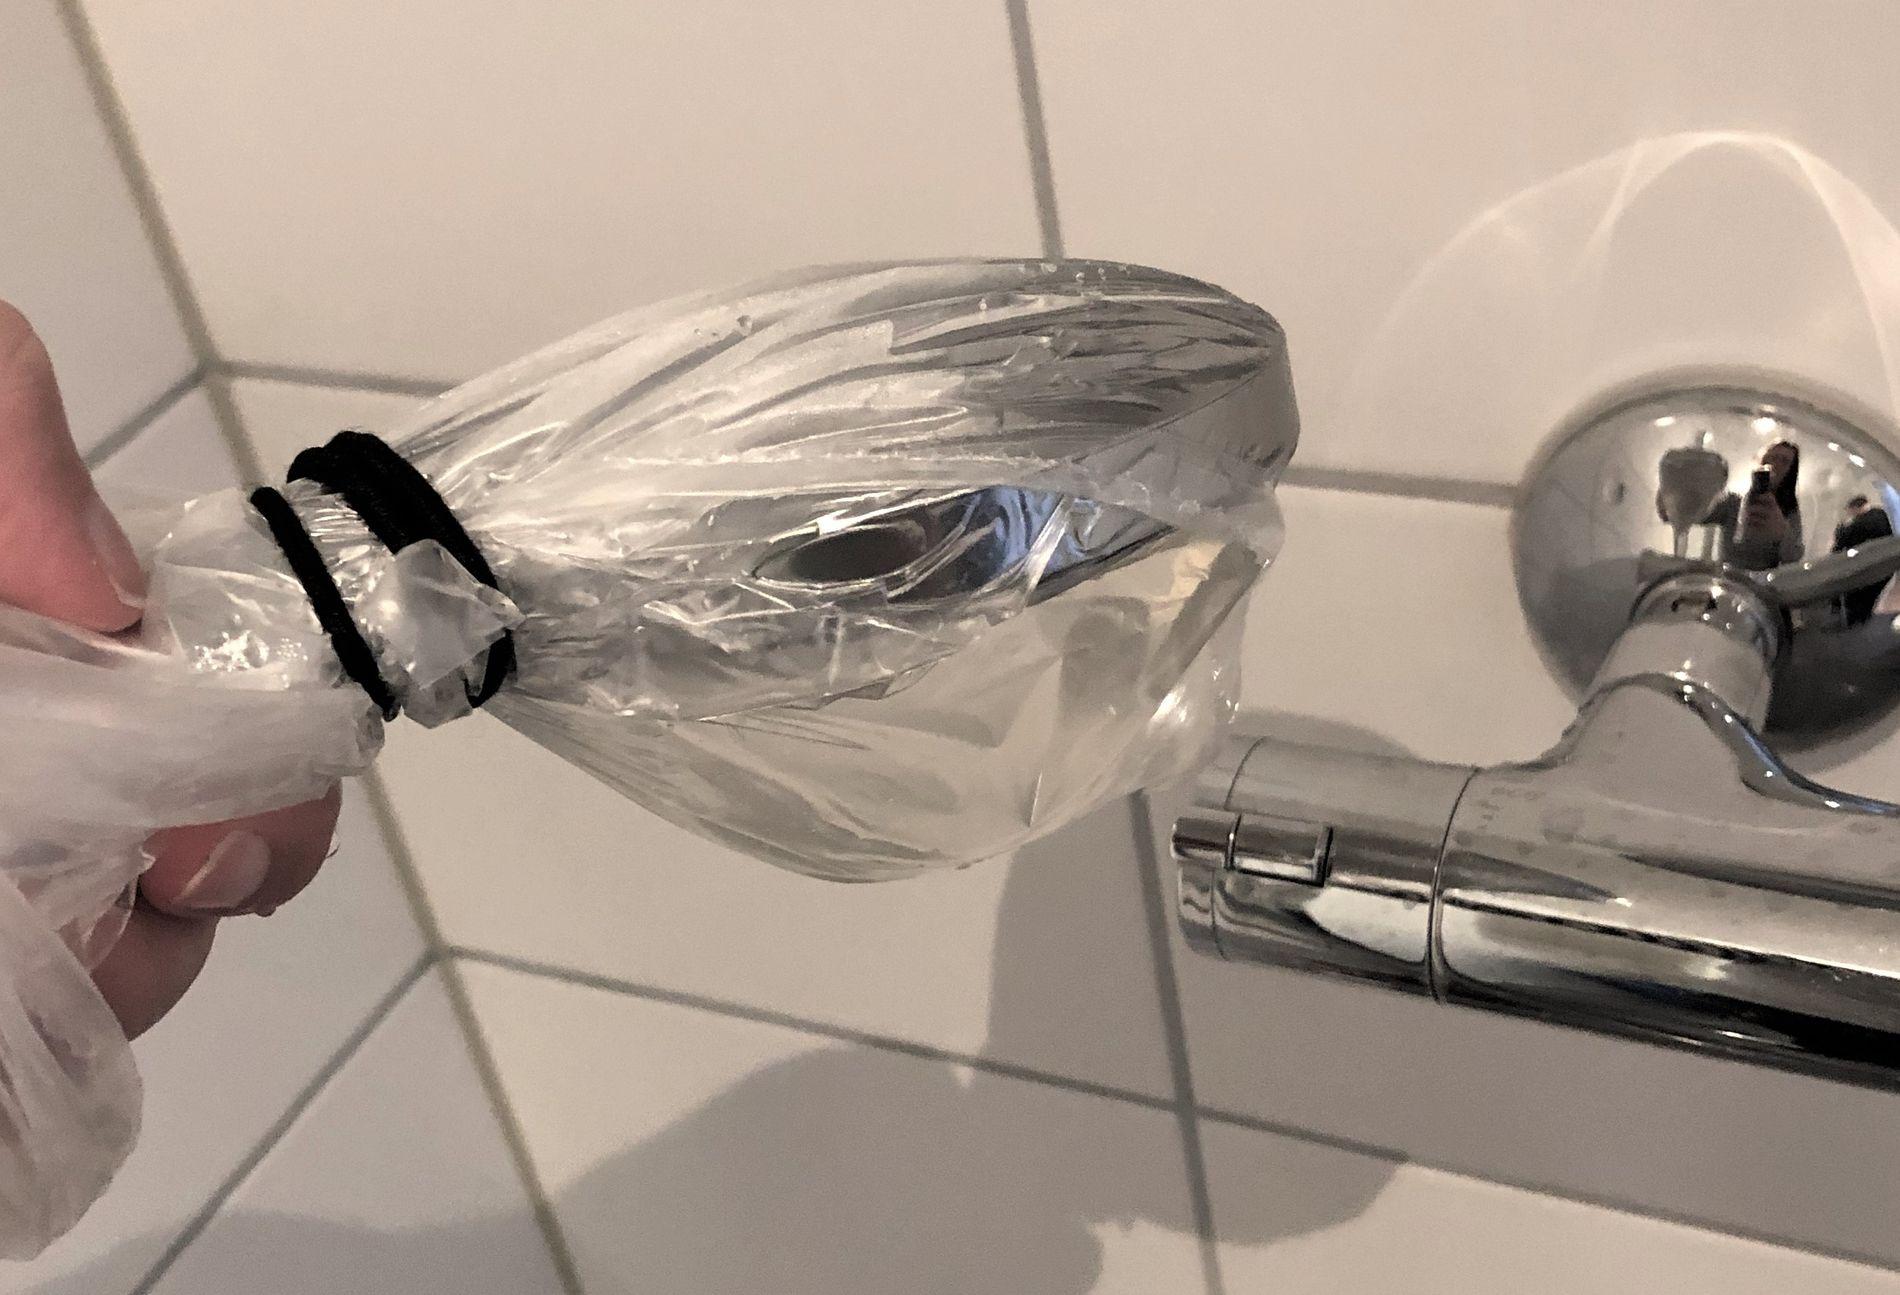 Pakk dusjhodet inn i en pose fylt med eddik. Det gjør susen på møkk og skitt.